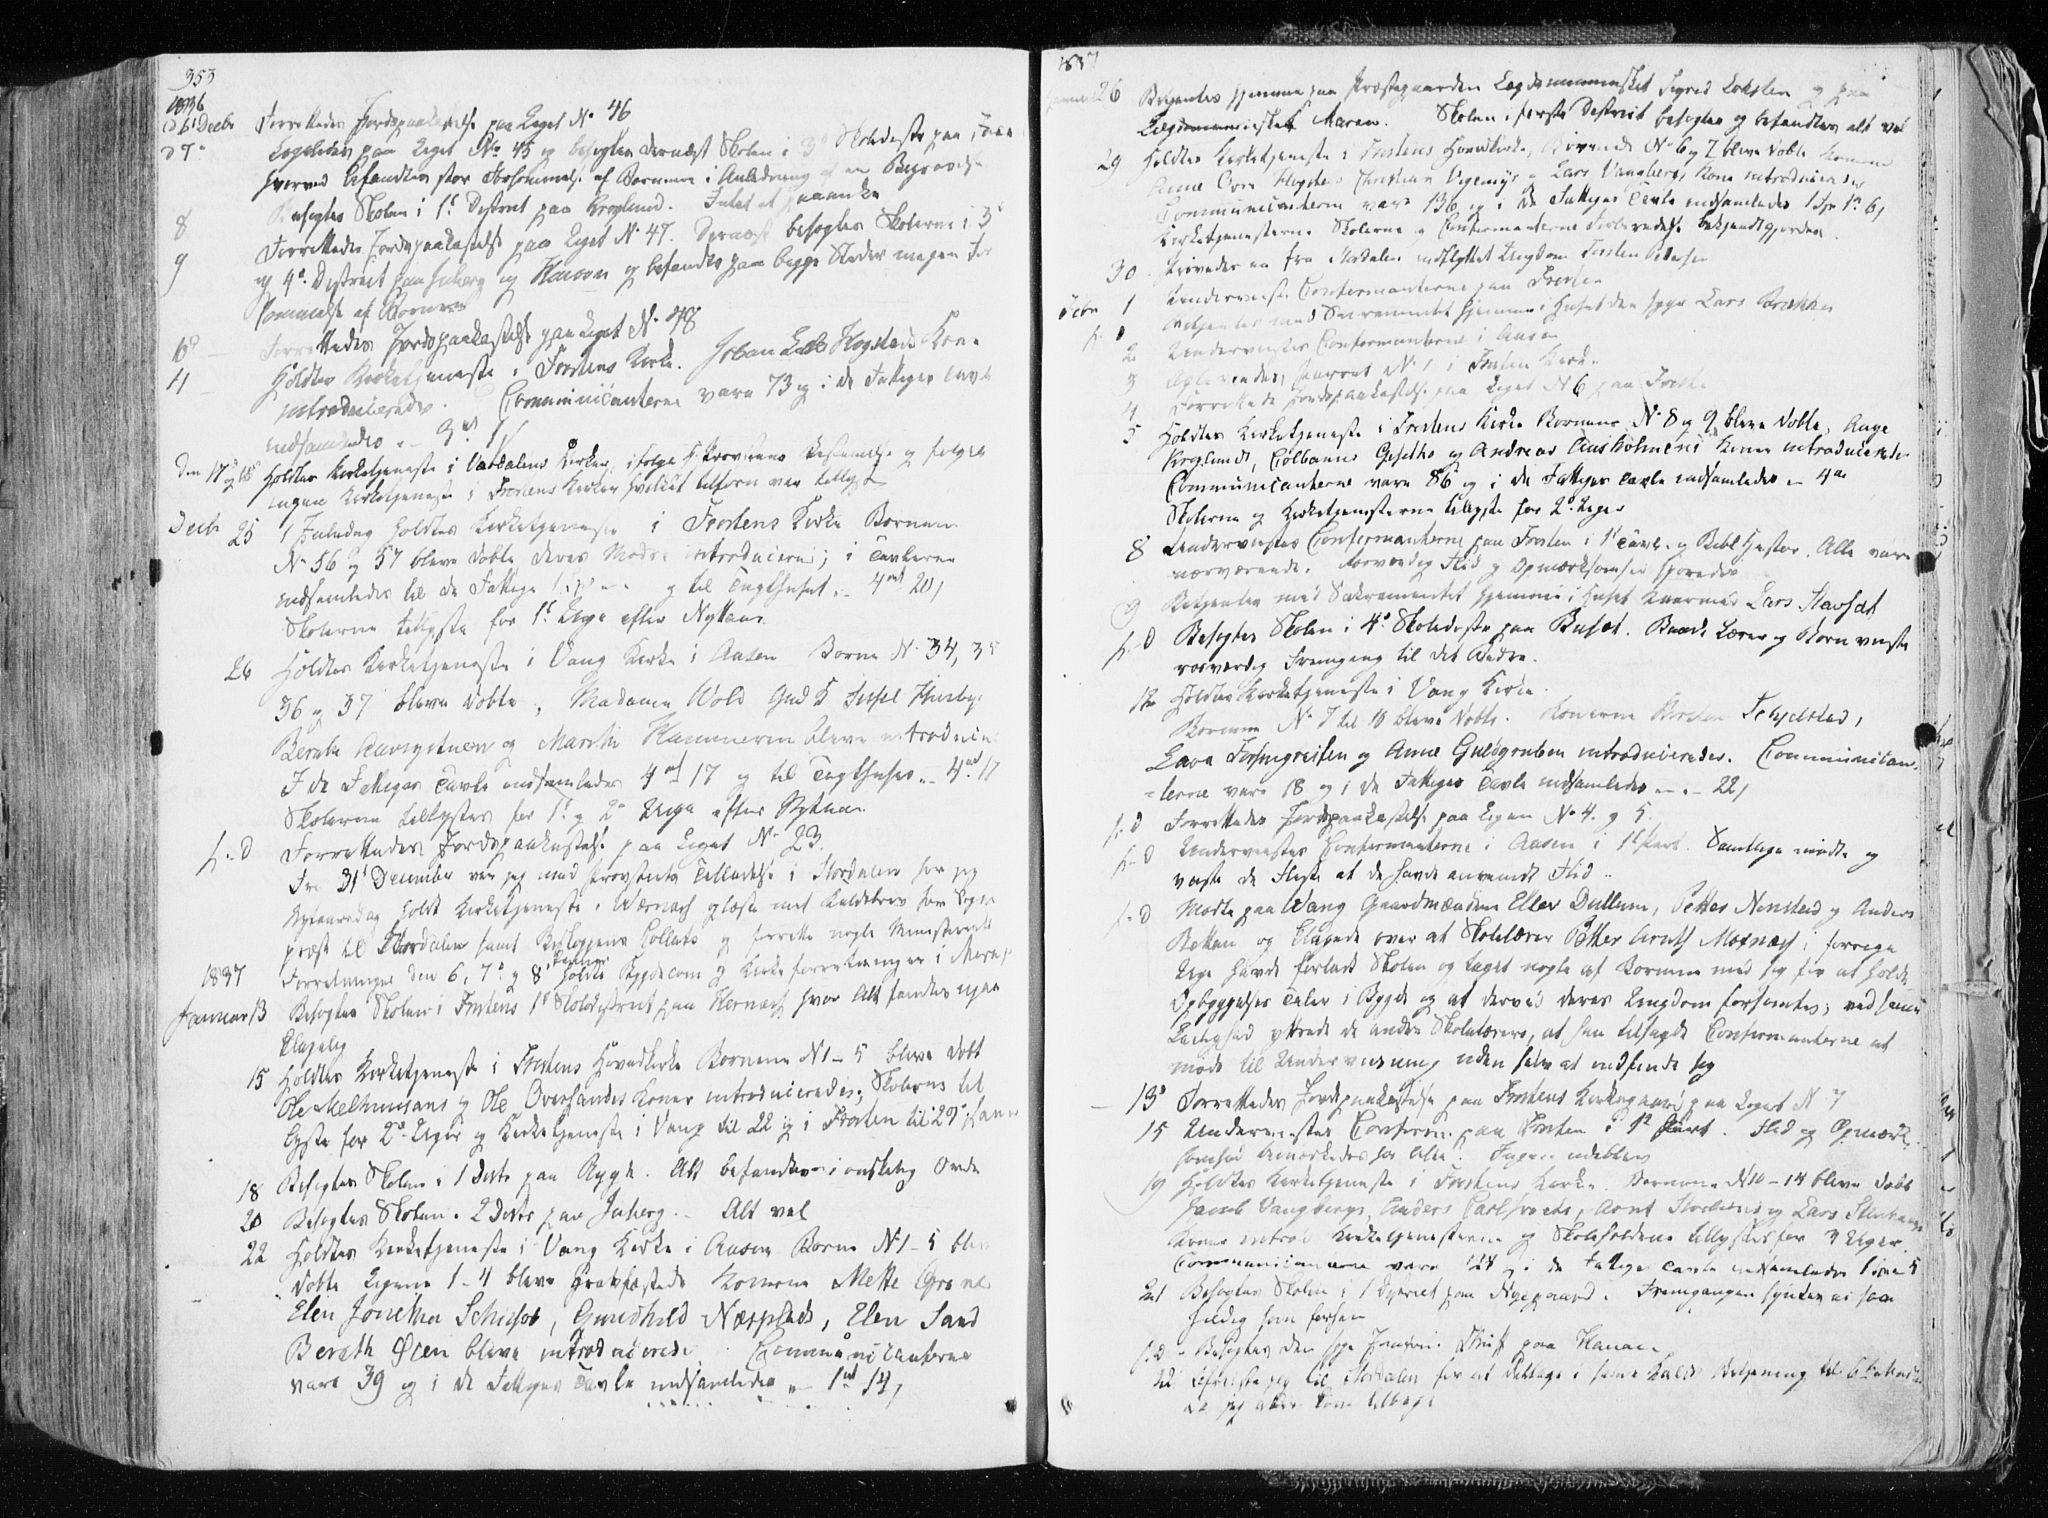 SAT, Ministerialprotokoller, klokkerbøker og fødselsregistre - Nord-Trøndelag, 713/L0114: Ministerialbok nr. 713A05, 1827-1839, s. 353